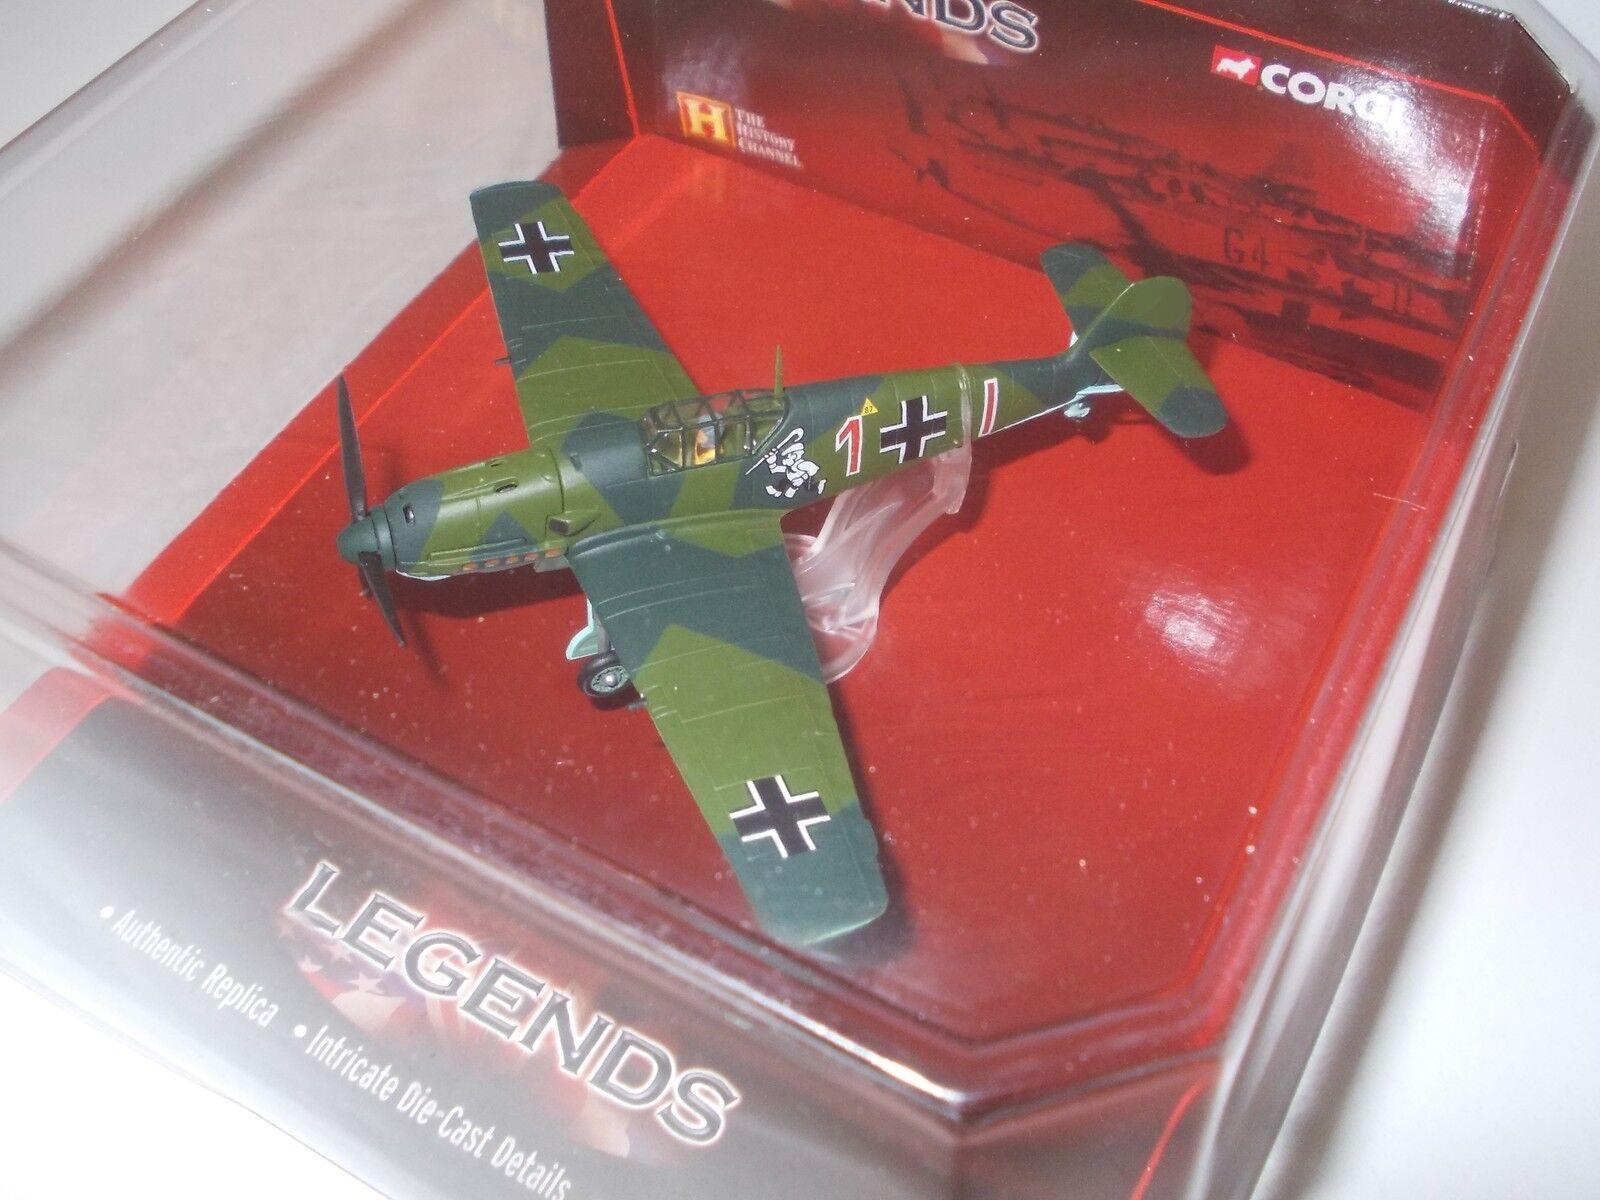 1 72 Me Me Me 109 E-1 von Pilot Eduard Neumann, Luftwaffe 2. Weltkrieg, Corgi, Metall    Elegante Form  e0623d